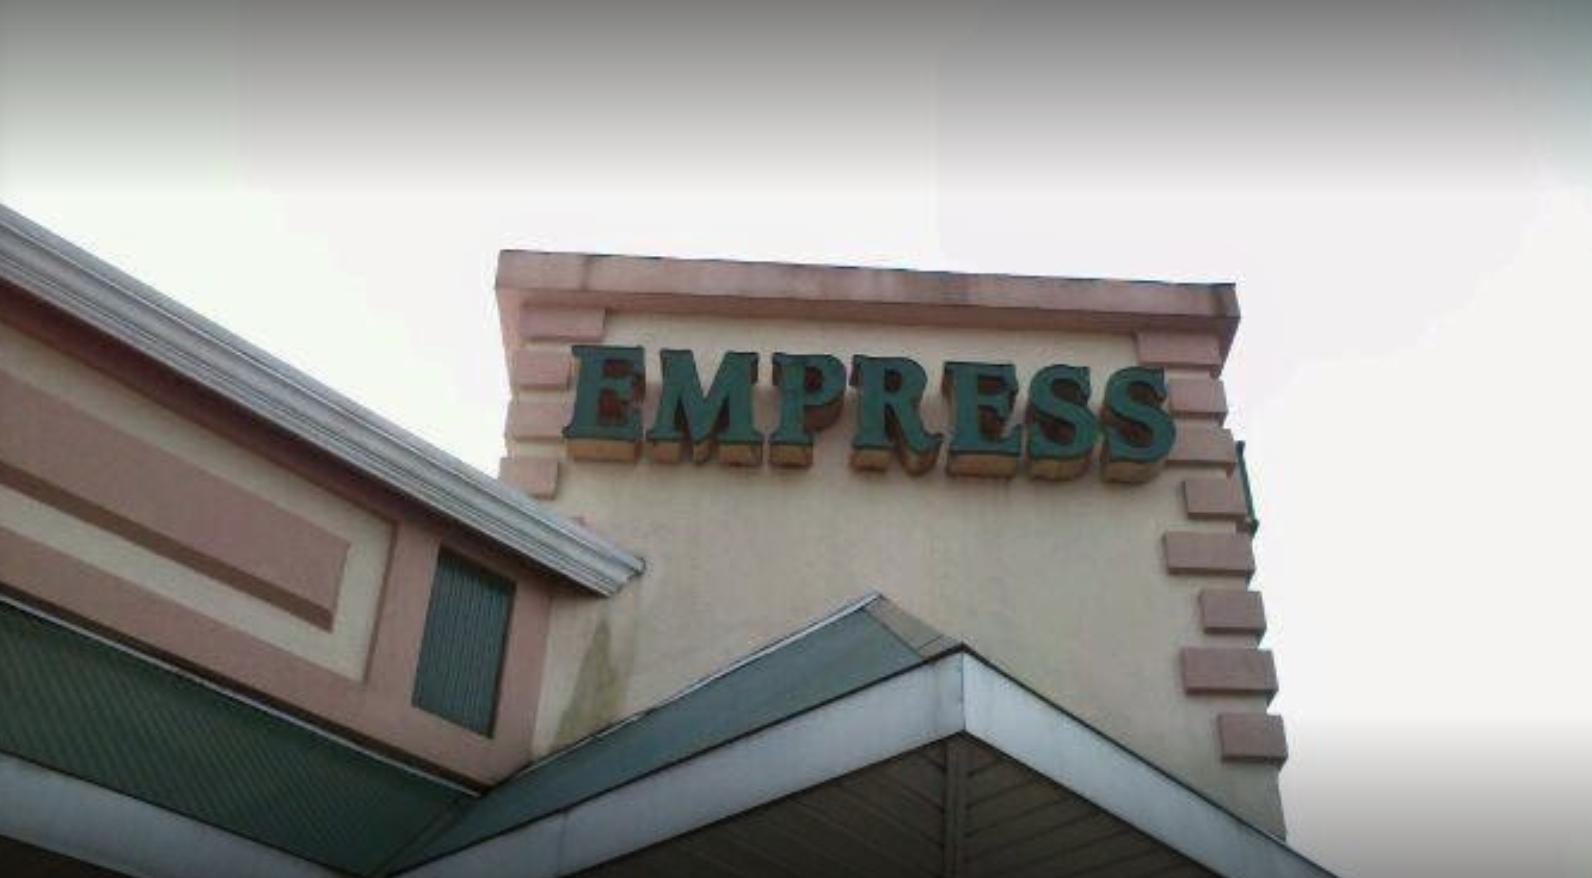 Empress Diner Lyndhurst nj